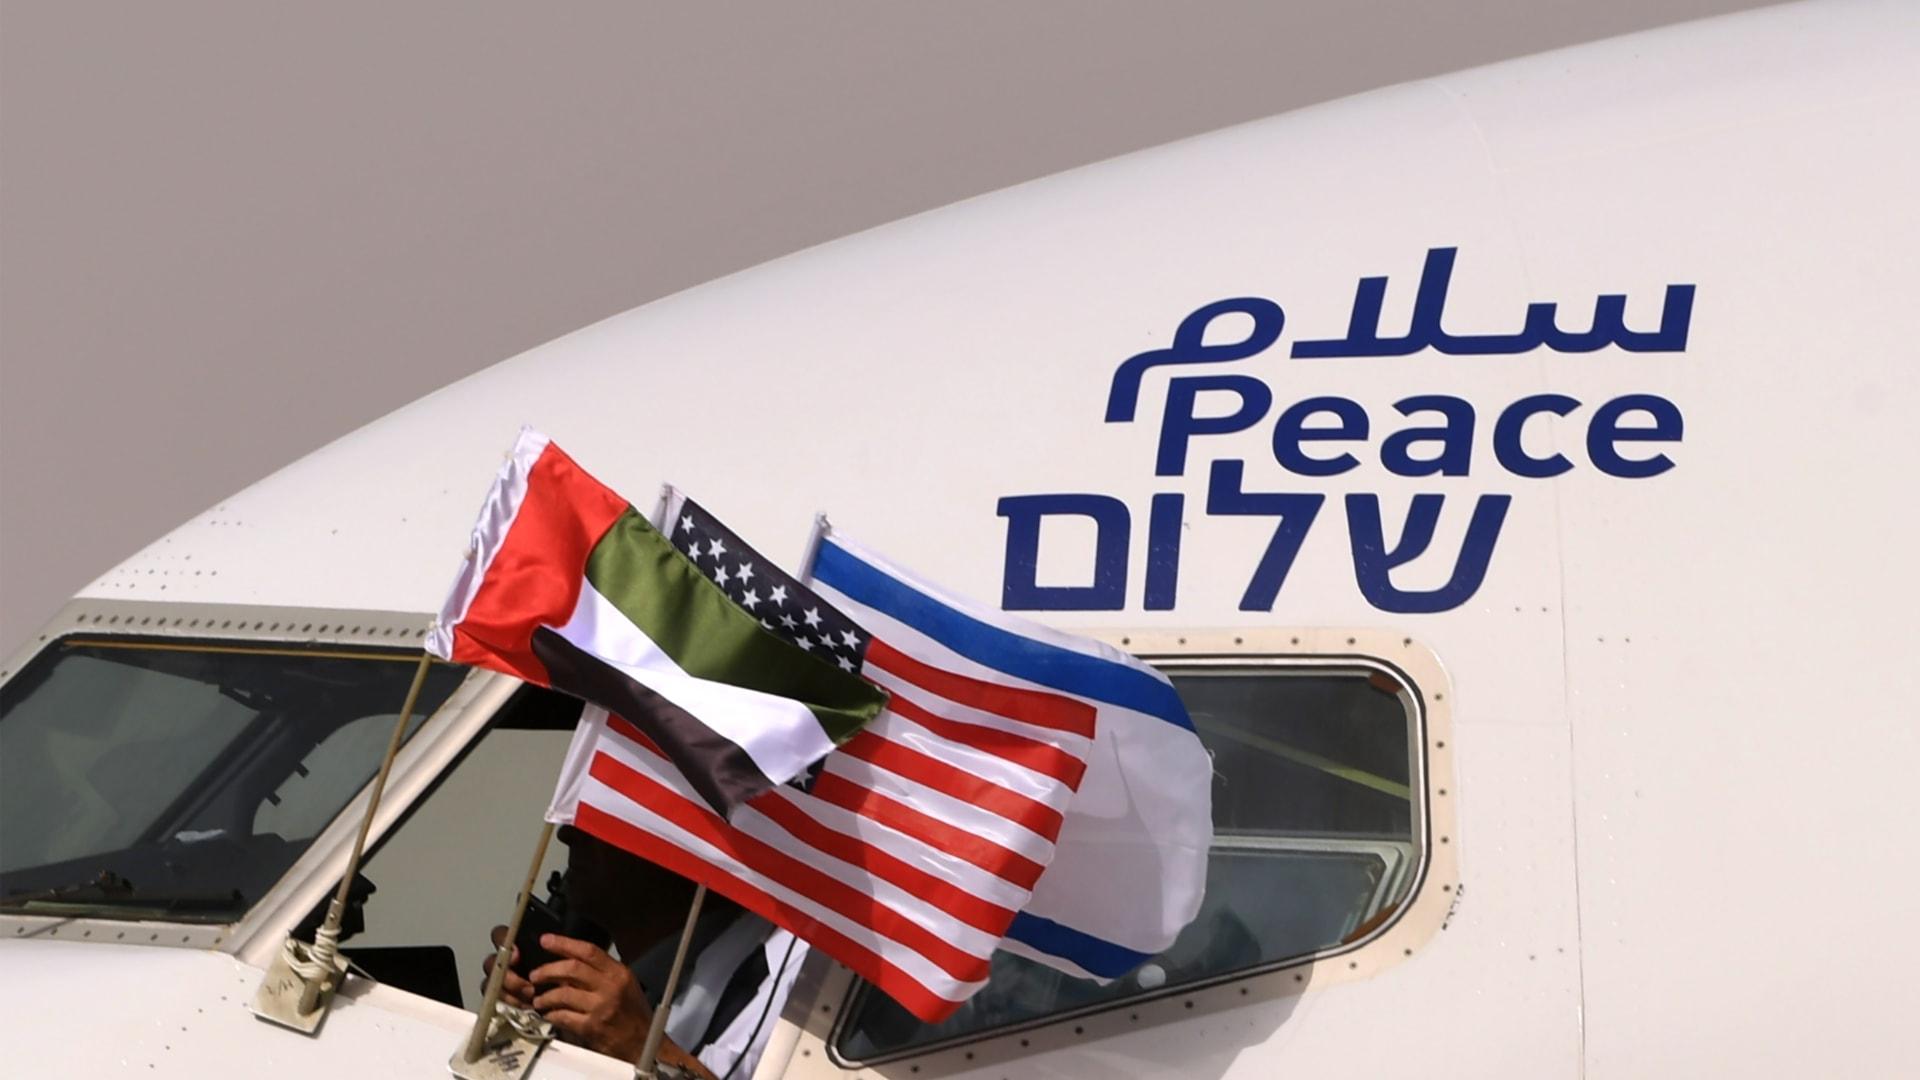 وكالة أنباء الإمارات تطلق خدمة جديدة باللغة العبرية.. ومديرها العام: ستبرز تقدم العلاقات بين الدولة وإسرائيل